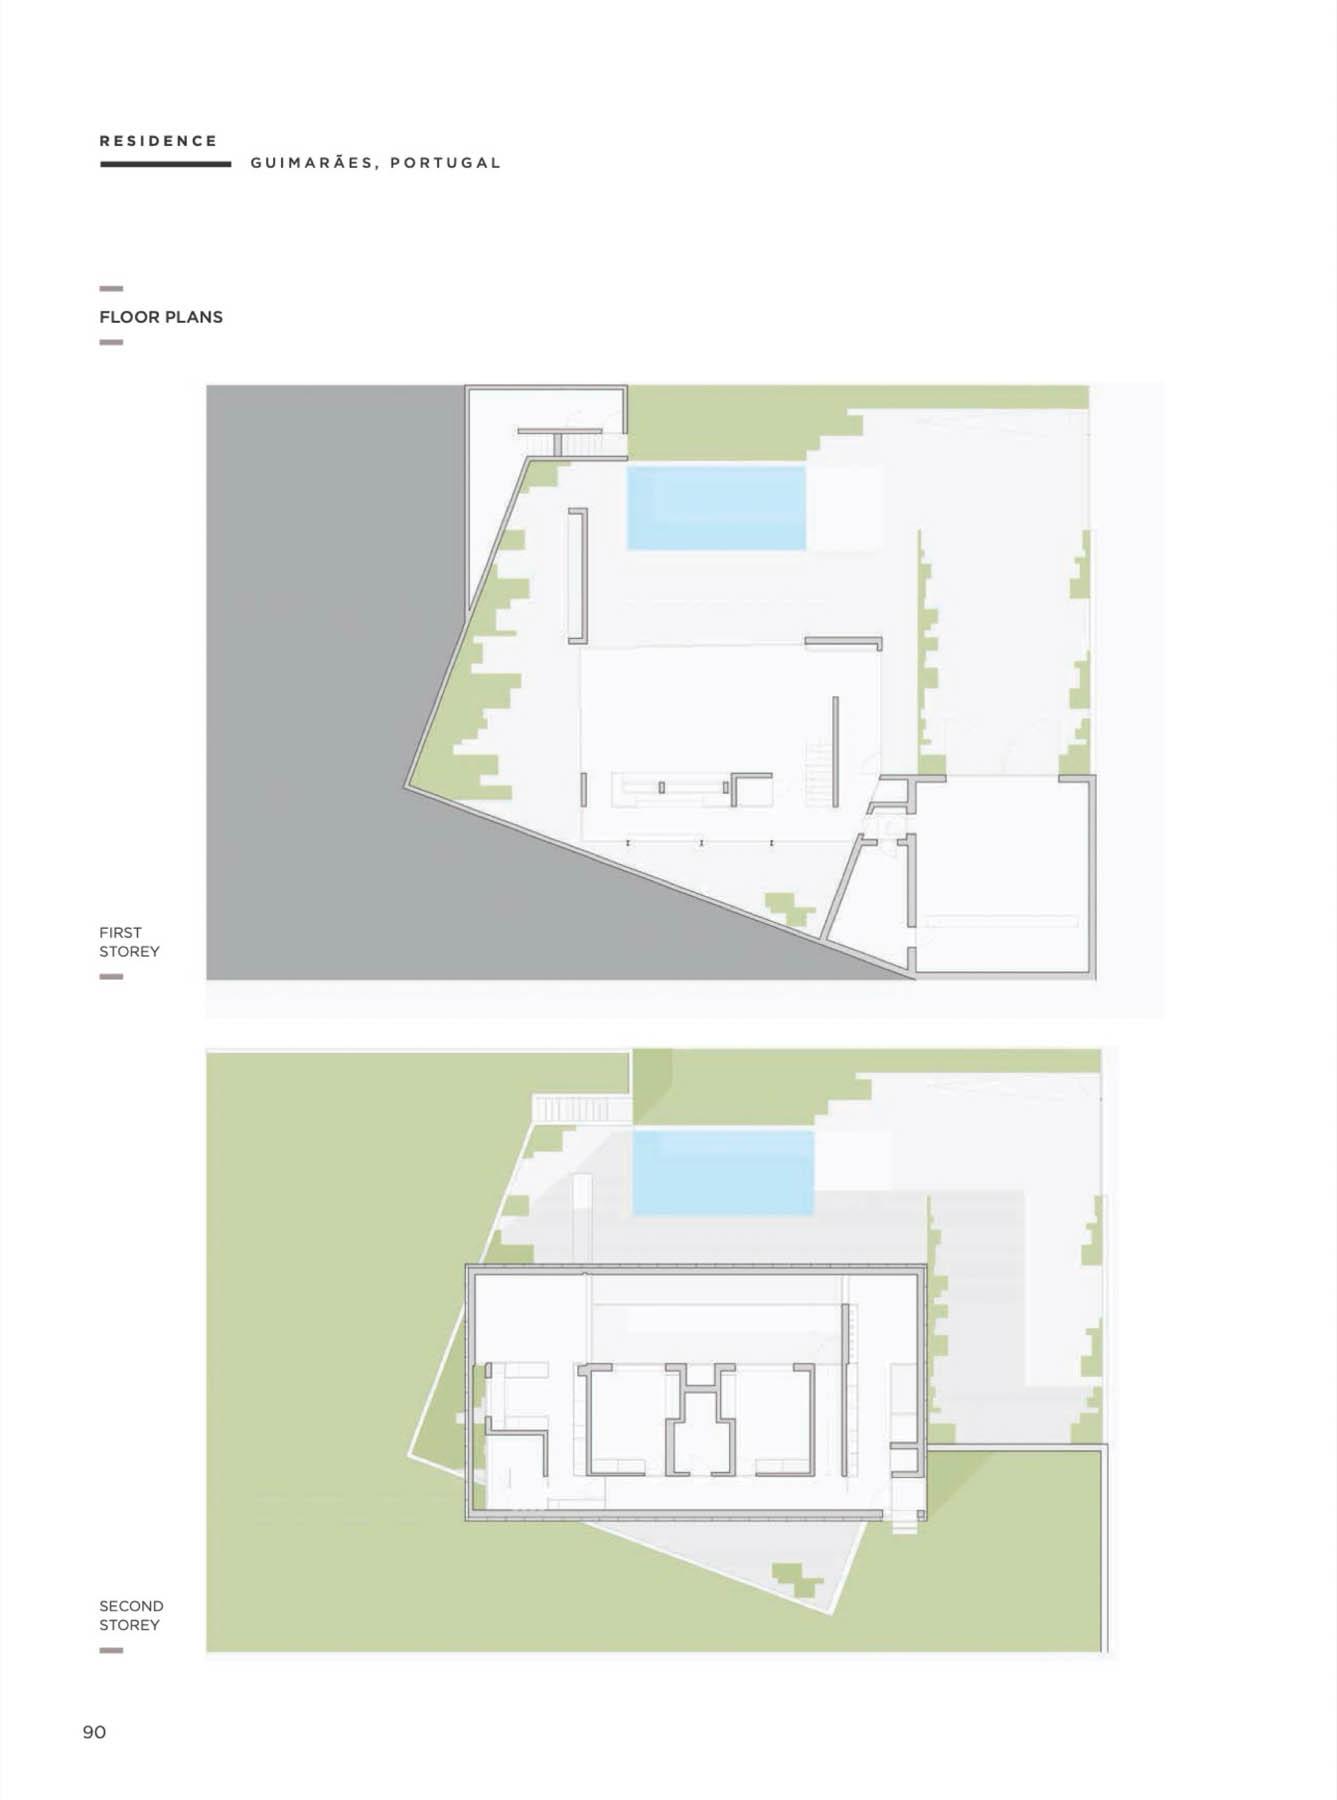 Casa A em Guimarâes do atelier de arquitectura REMA publicado n